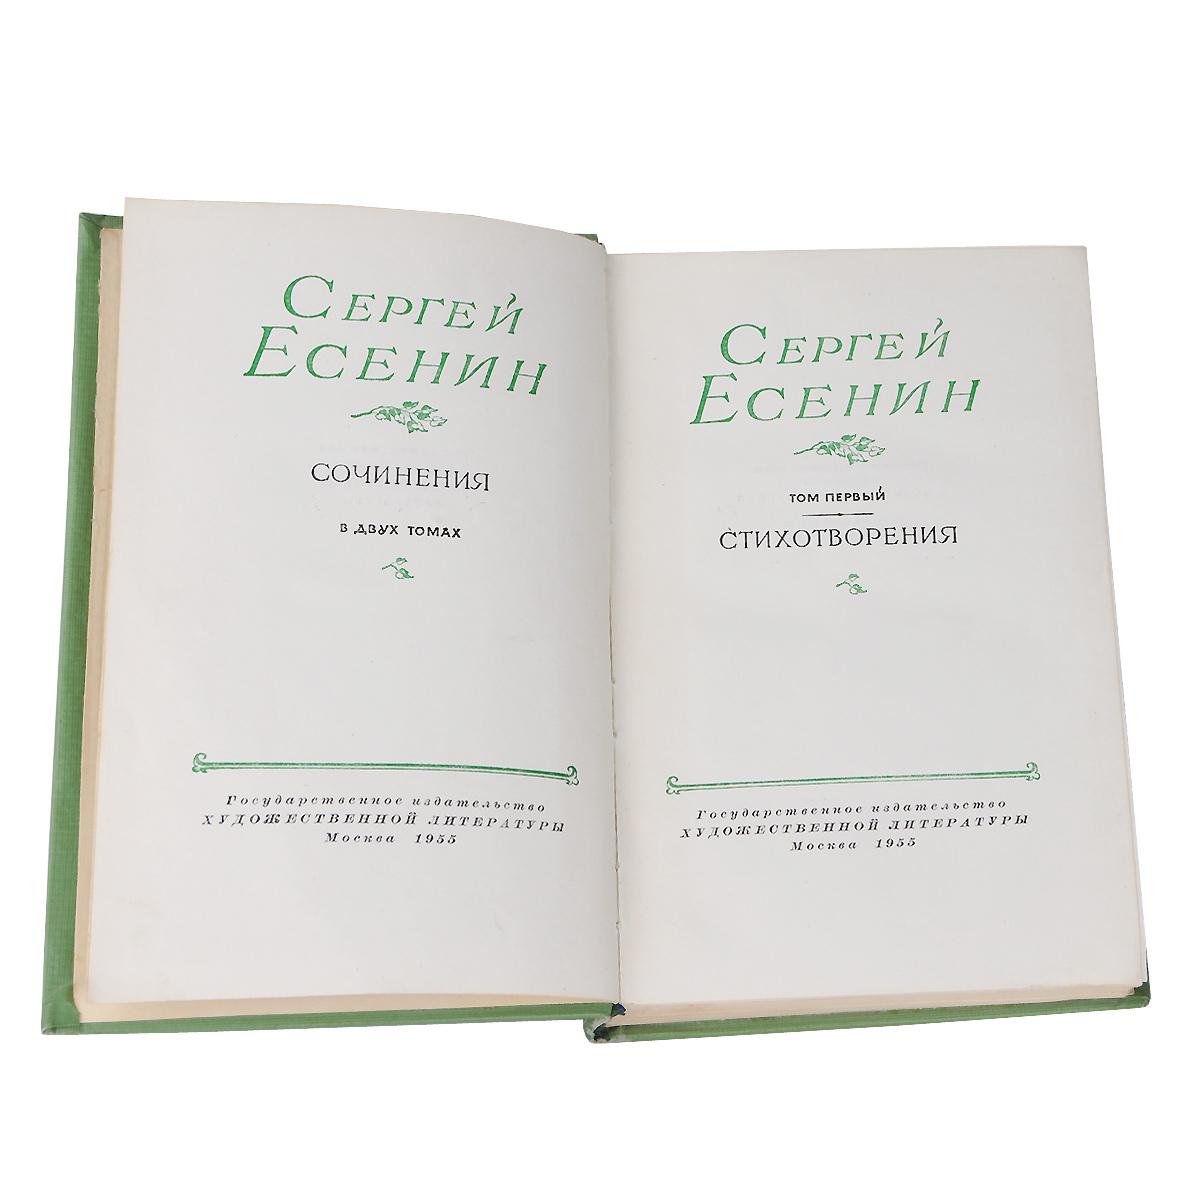 Сергей Есенин. Сочинения. В 2 томах (комплект)